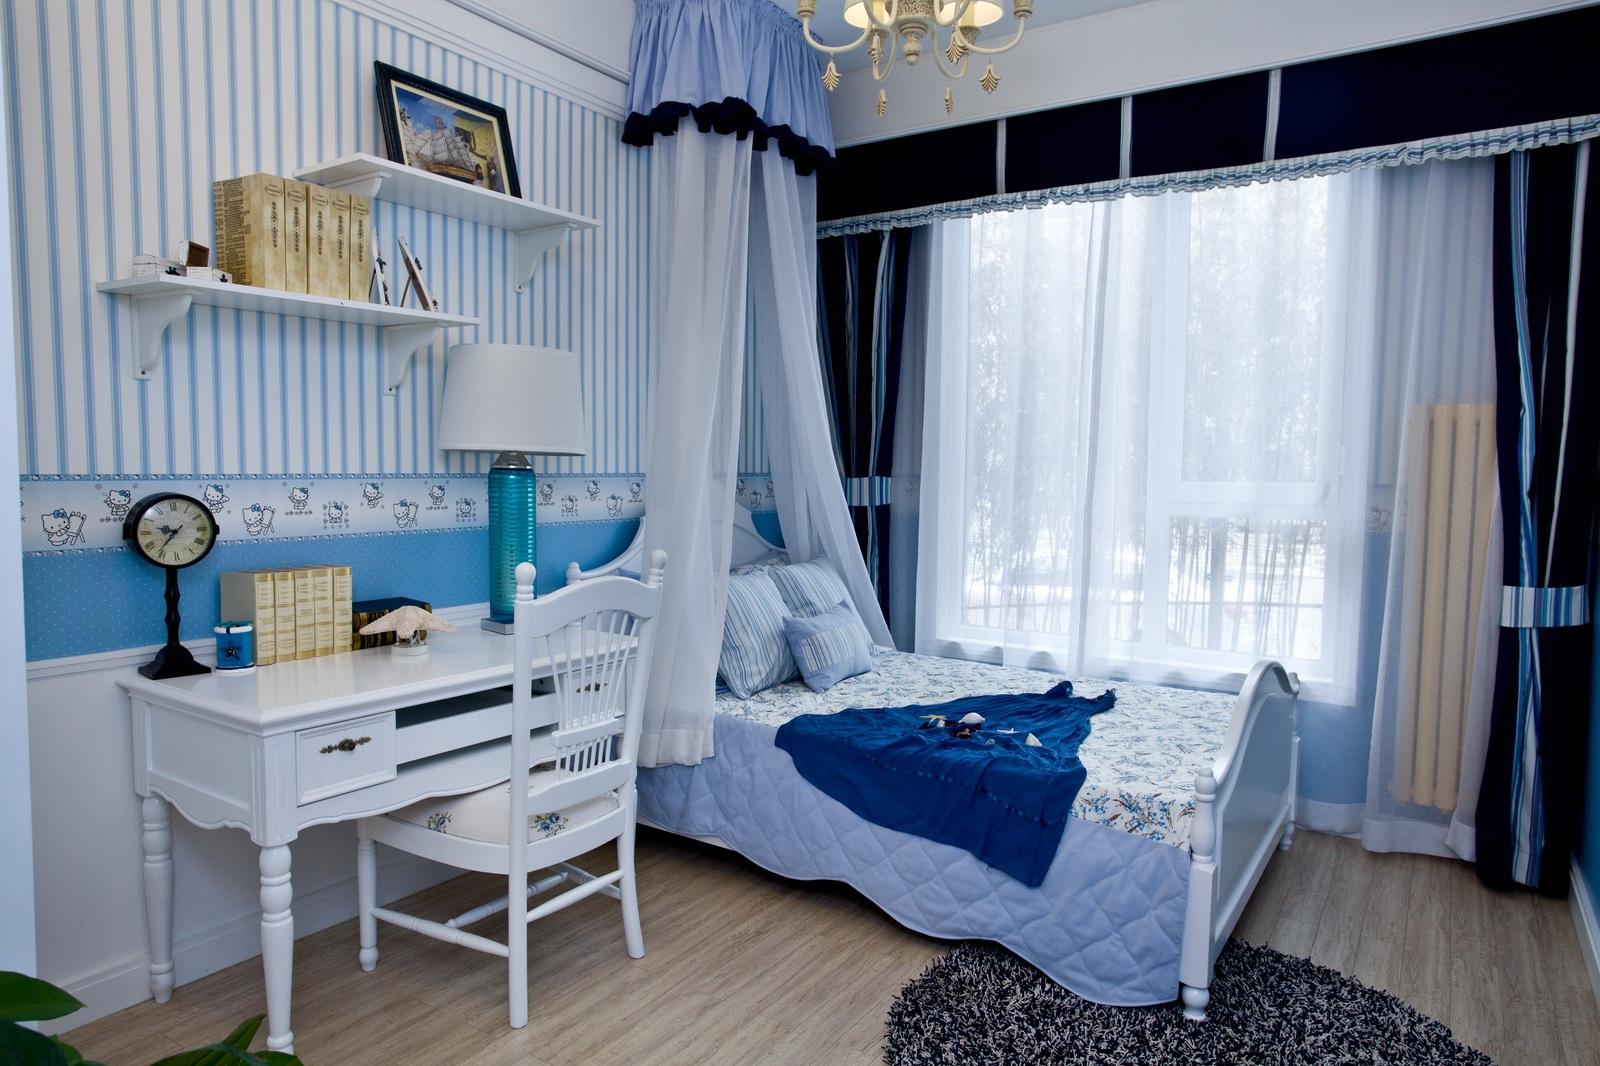 次卧室装修却以蓝色与白色系为主,简单随意。